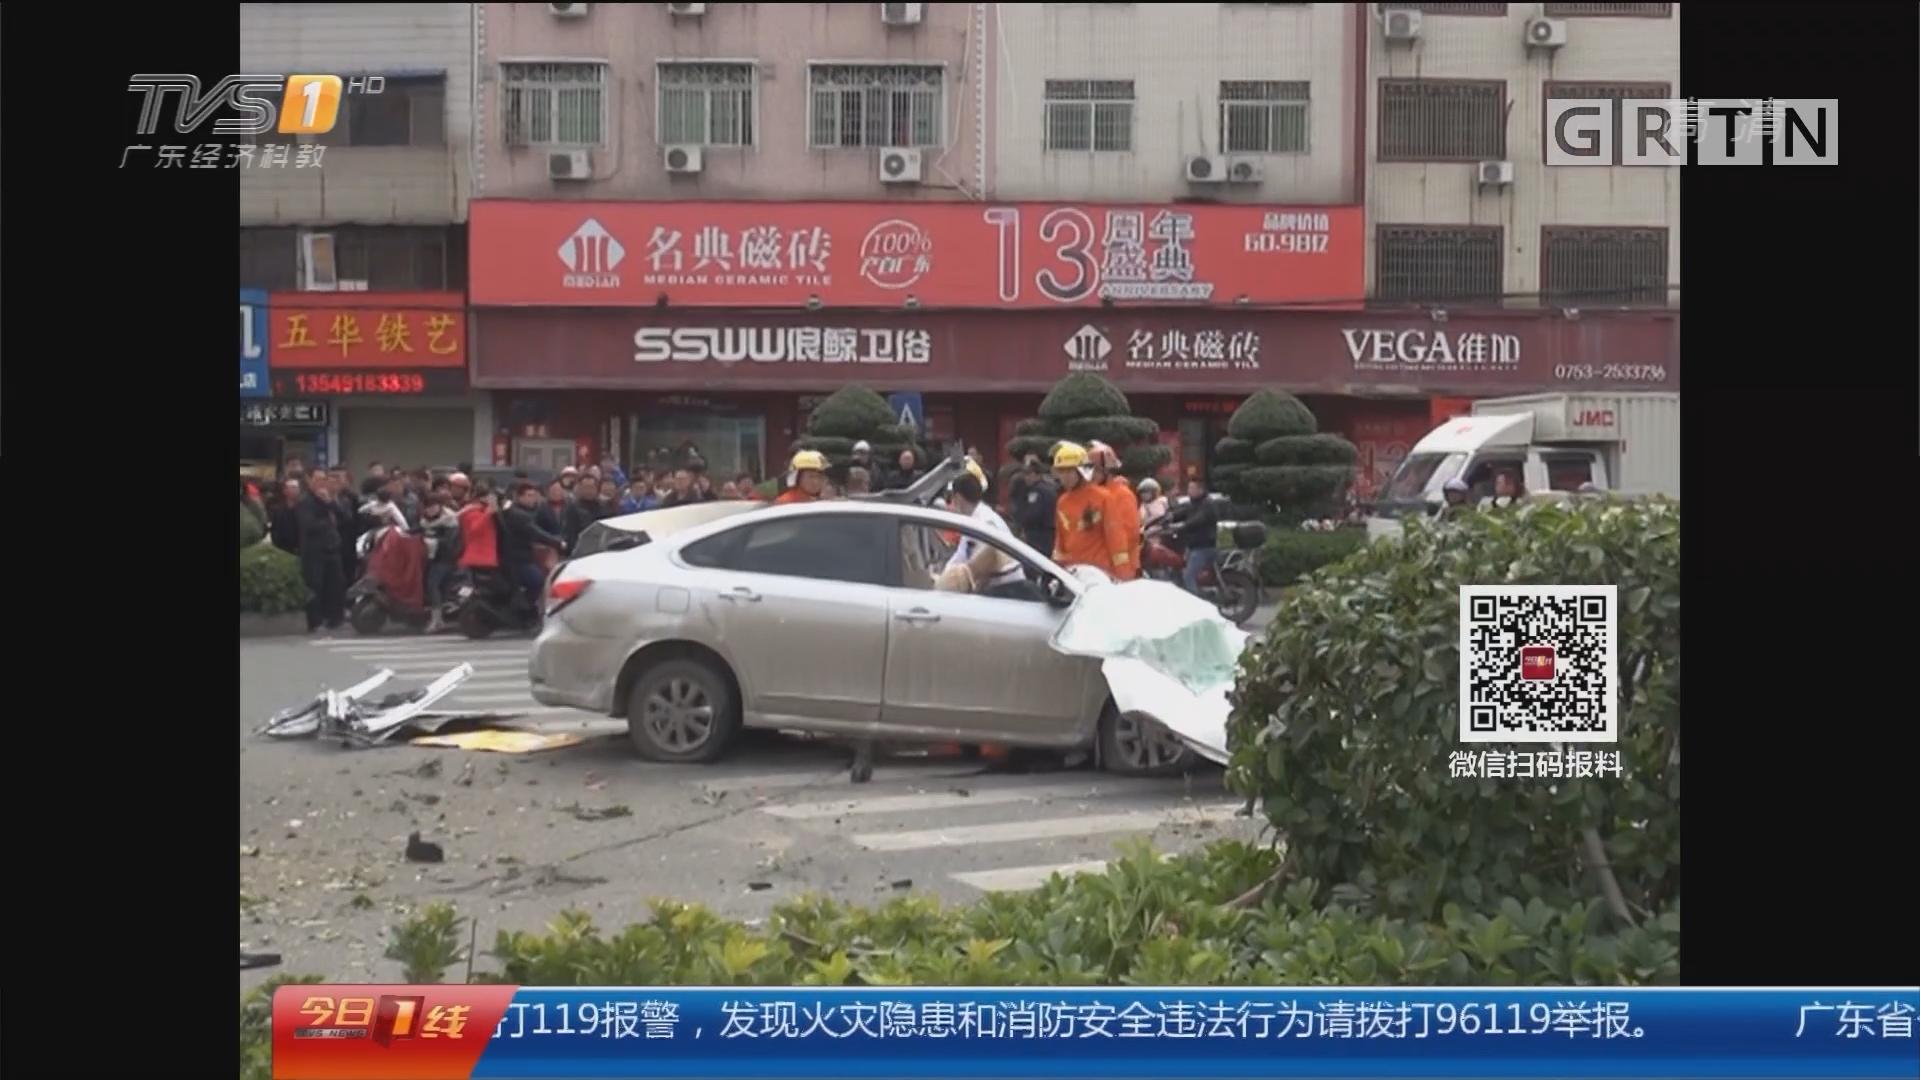 交通安全:梅州 小车撞绿化带 警方通报两死一伤